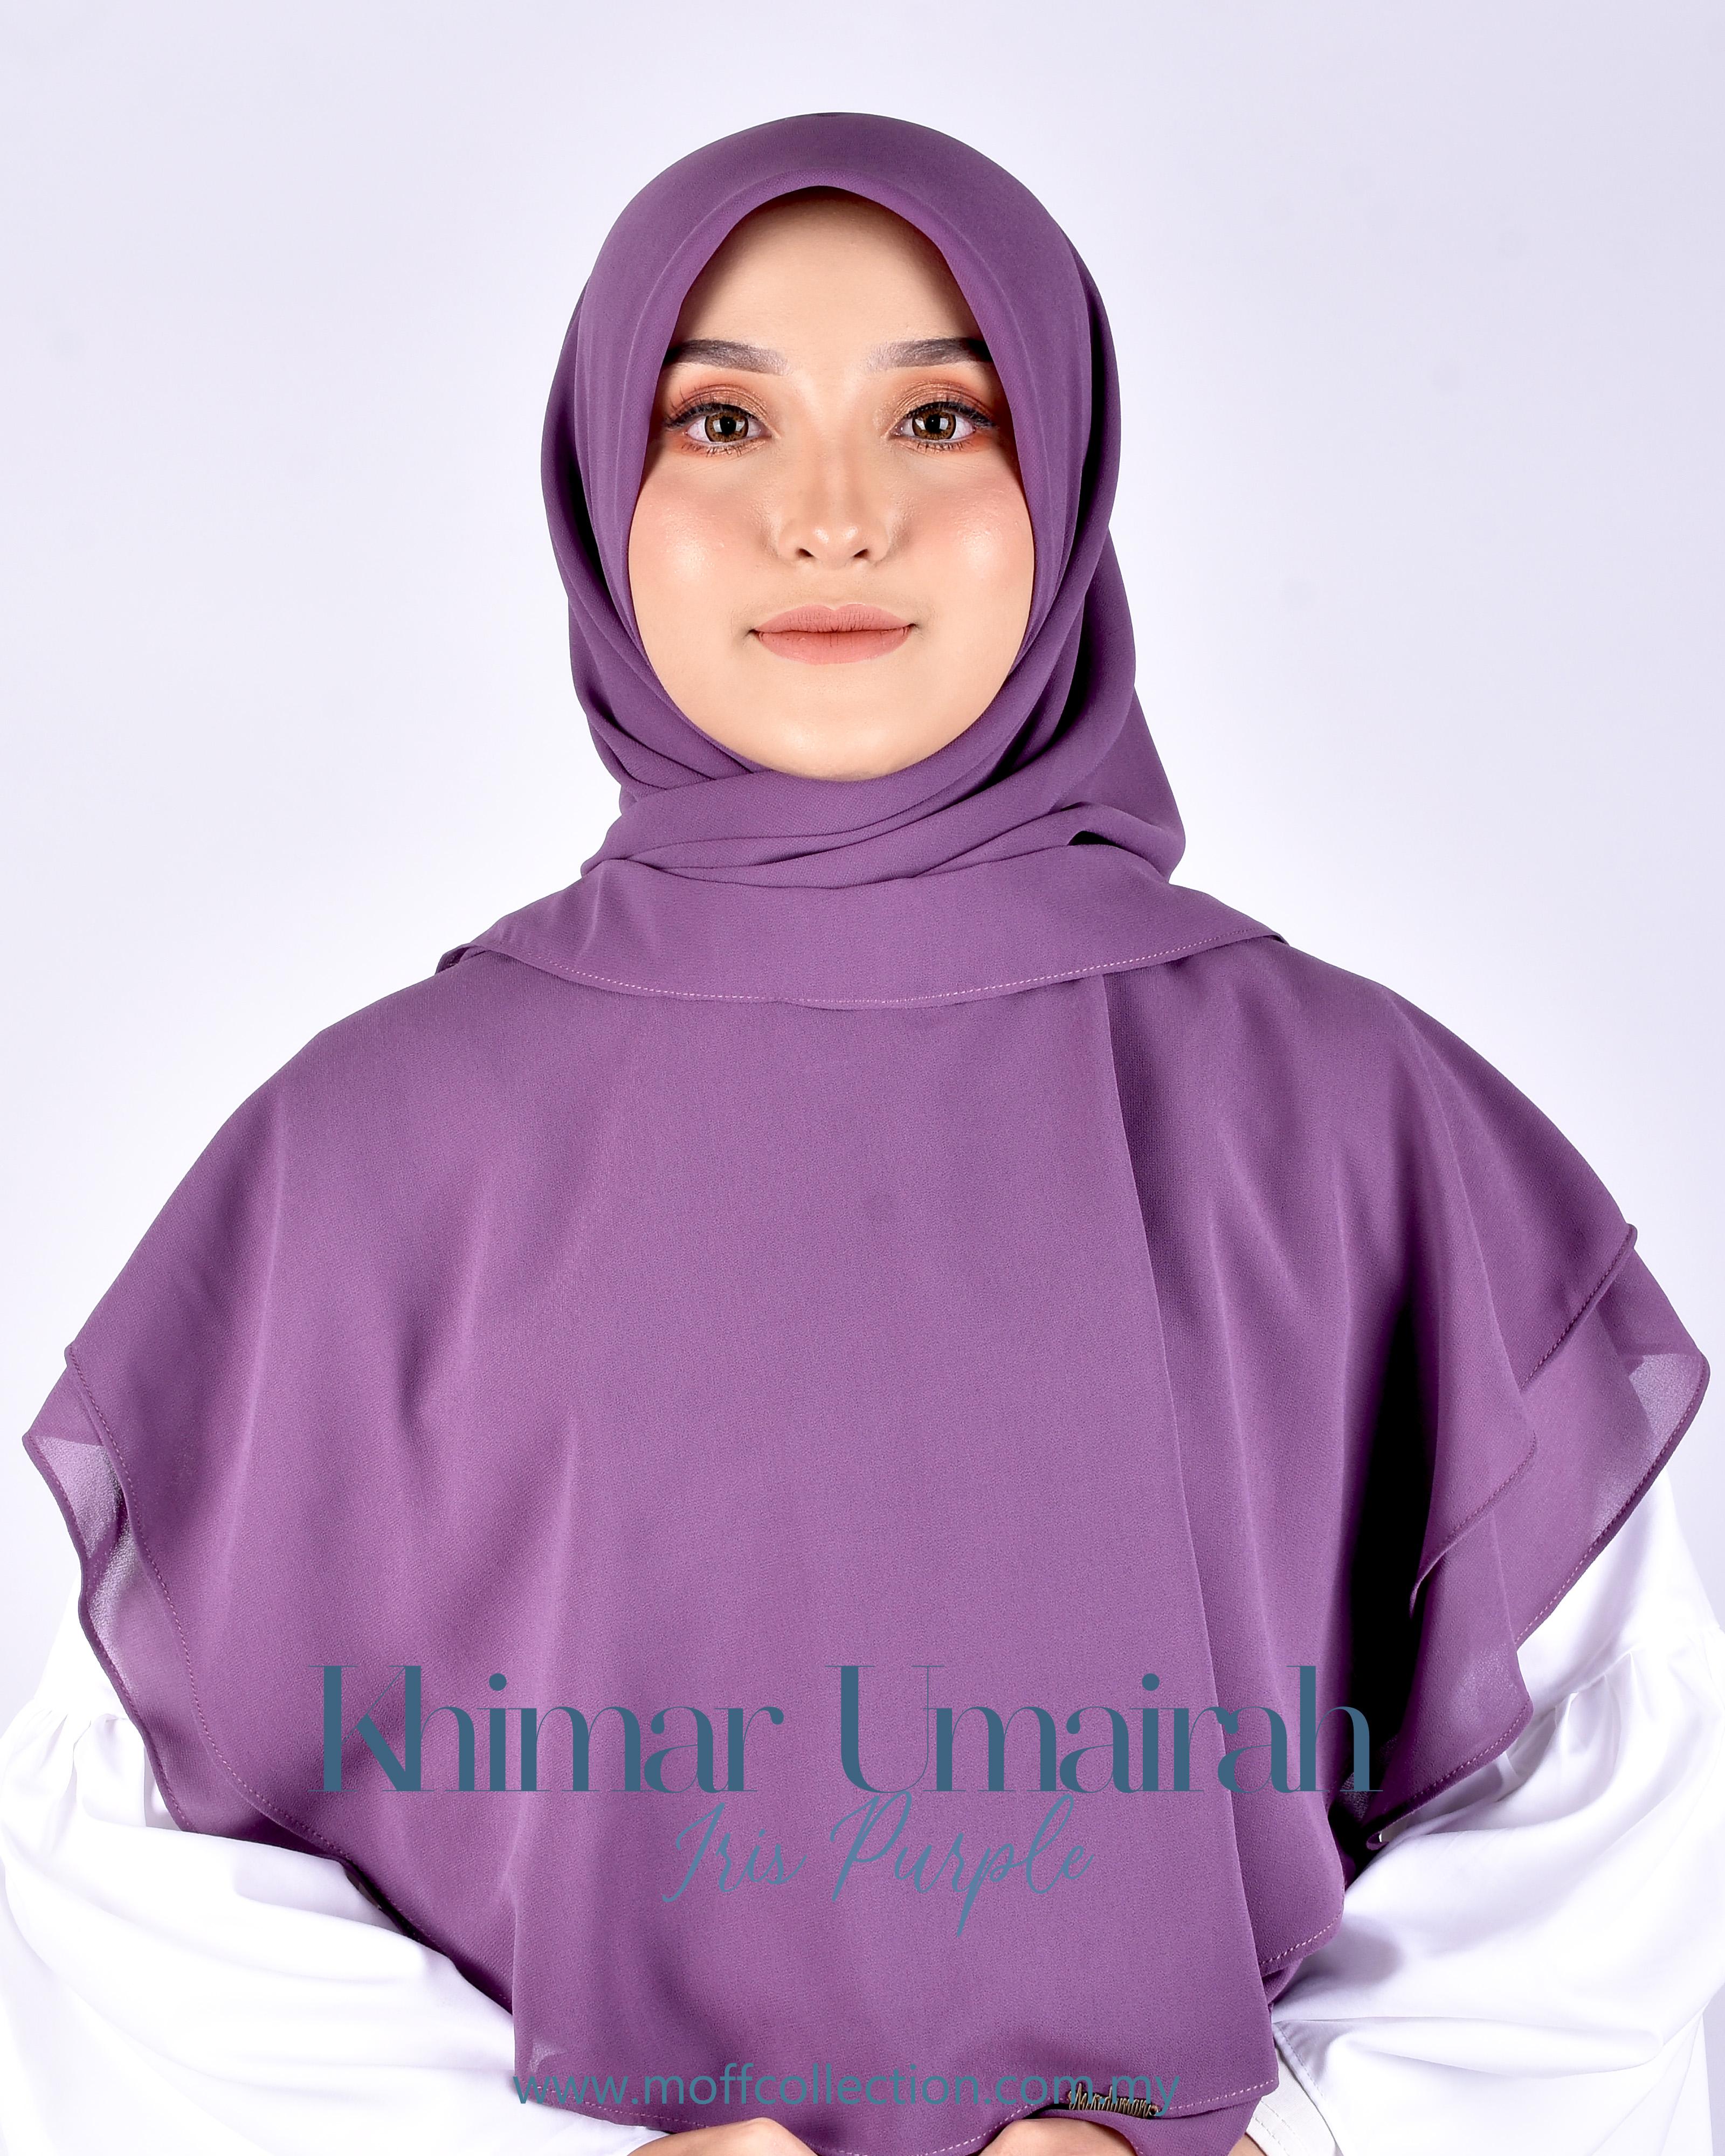 Khimar Umairah In Iris Purple